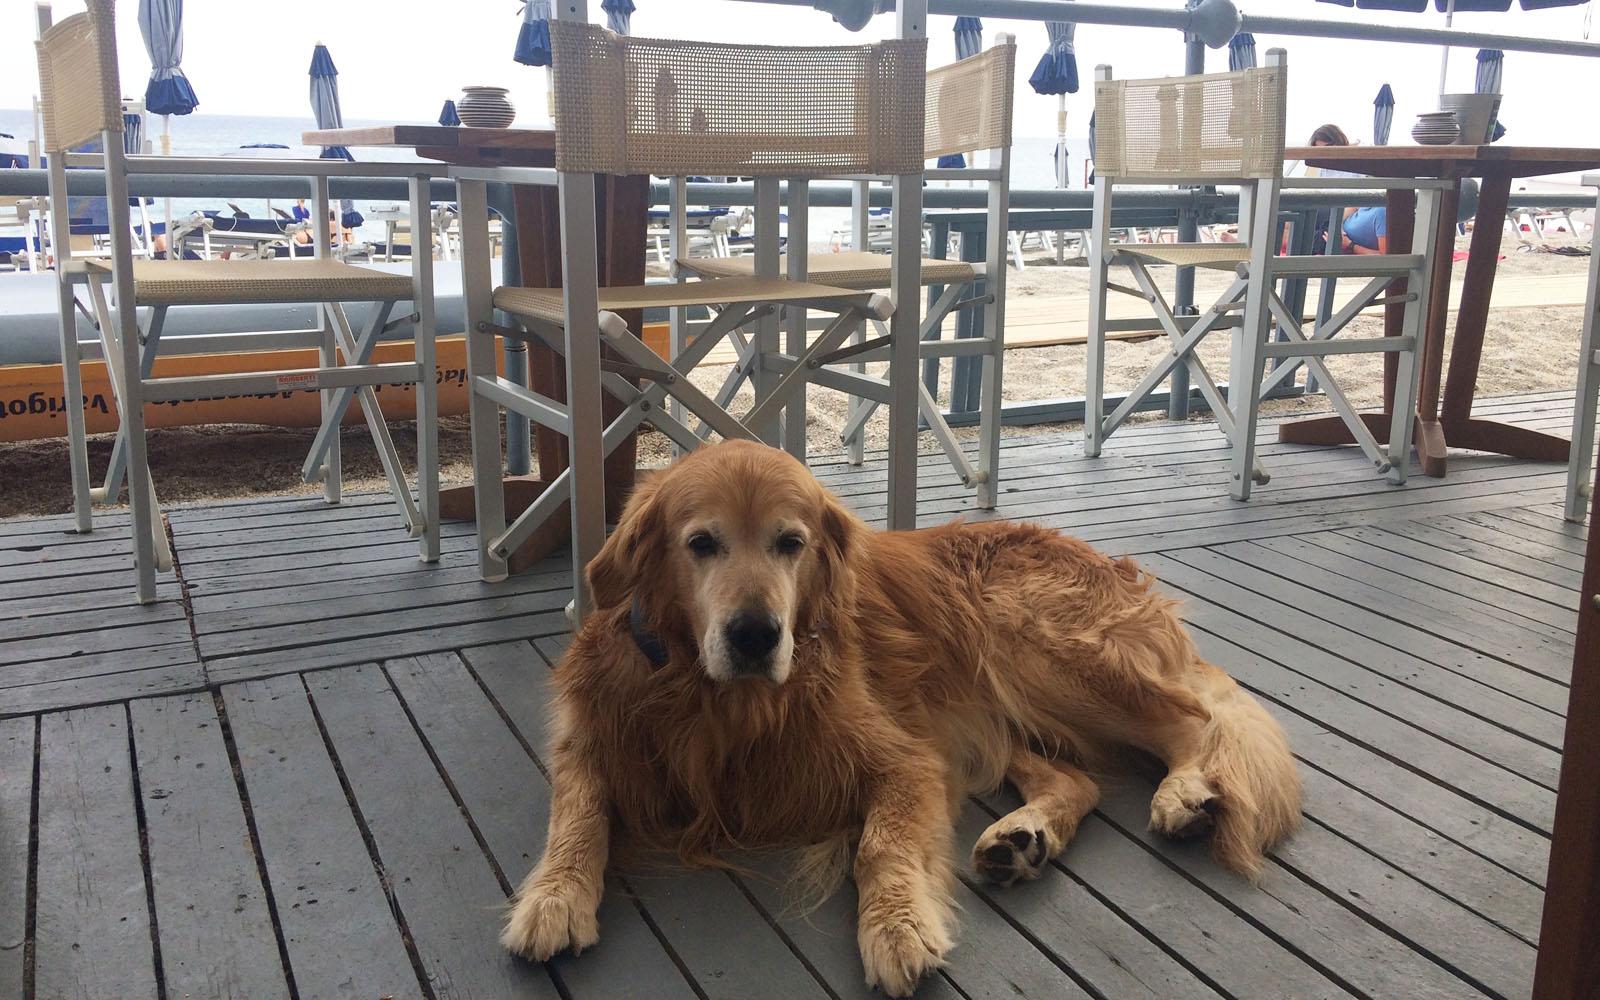 Il bar della spiaggia 20 Riviera, a Varigotti, da una prospettiva a quattro zampe.